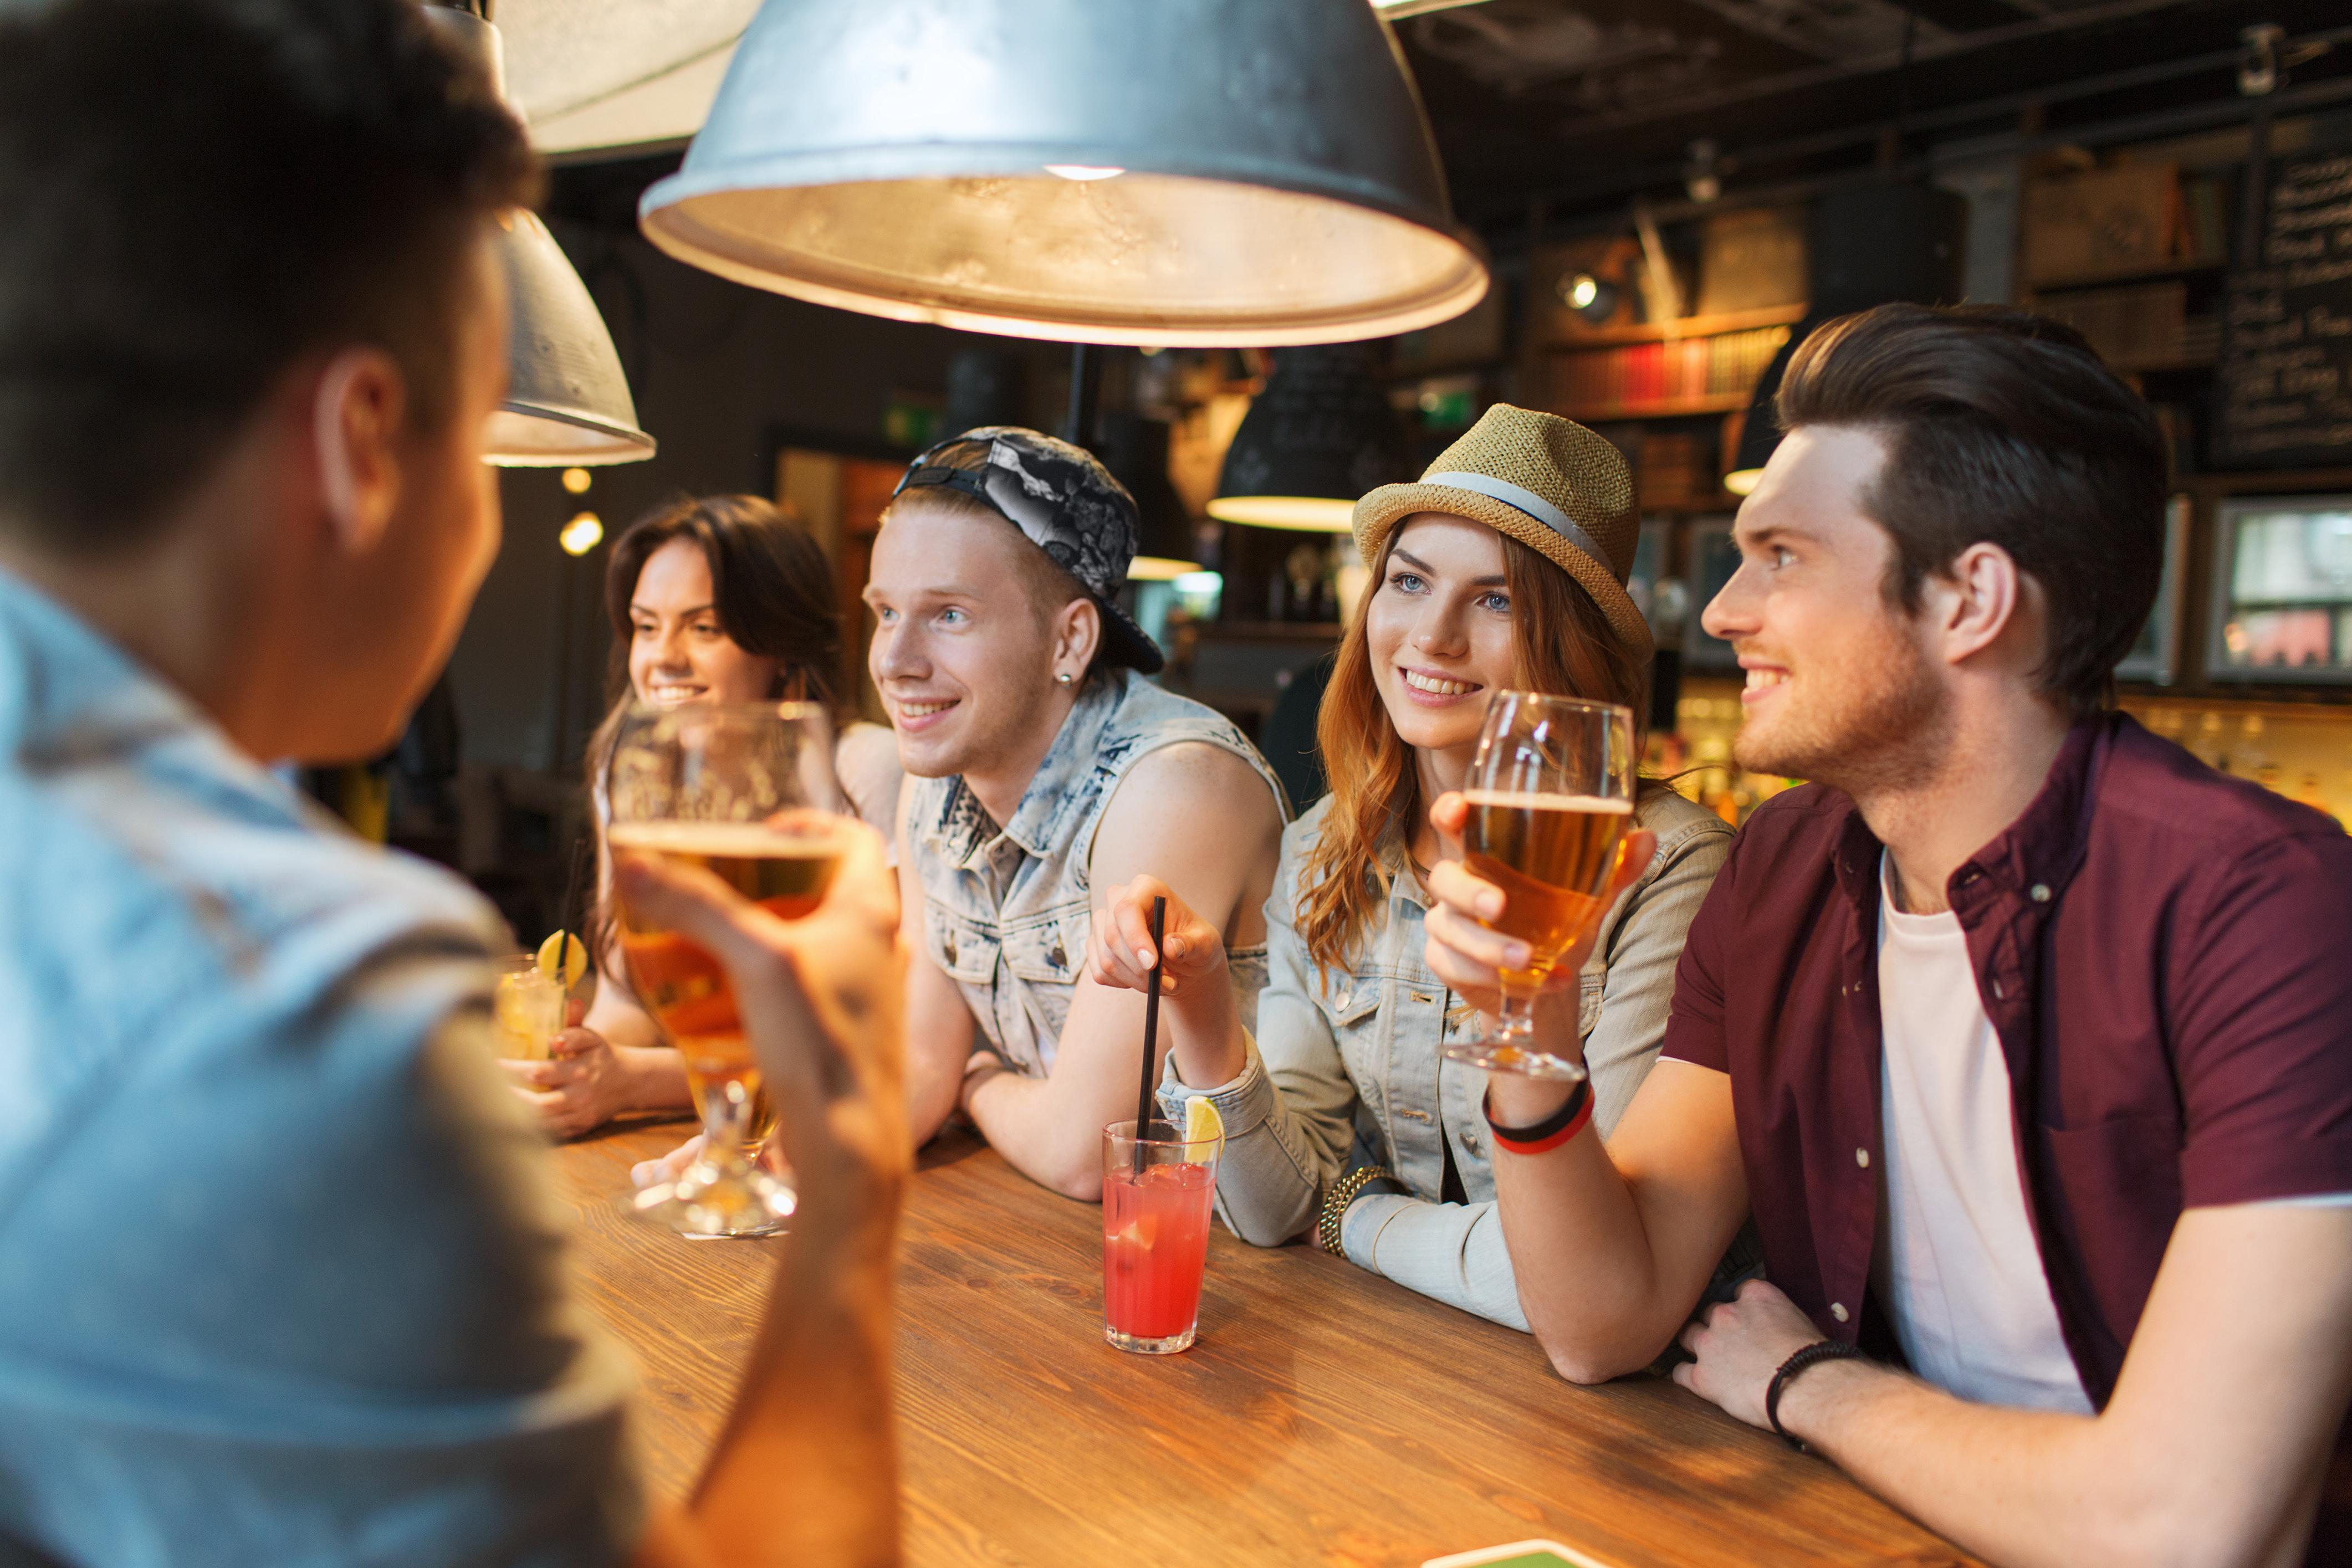 Ungefär hälften av de tillfrågade upplever att det finns en förväntan bland arbetskollegorna att det ska drickas alkohol på olika tillställningar.